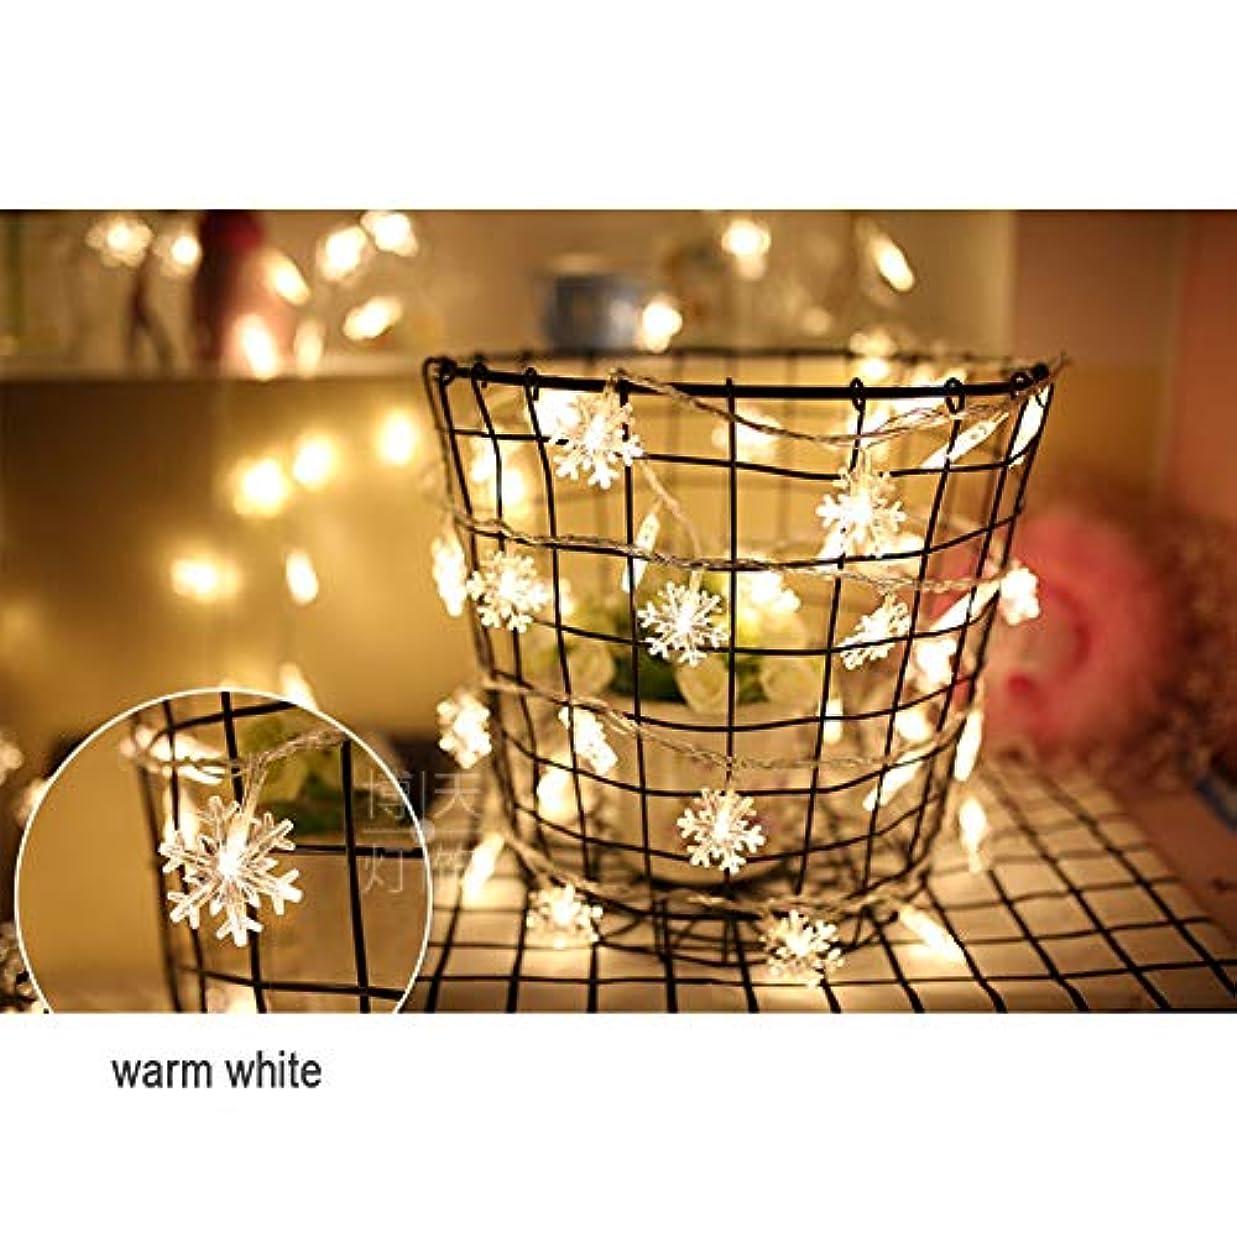 電池式 ストリングライト - 防雨型 2 スノーフレークLEDイルミネ ーションライト ロマンチックな雰囲気を作る屋外用 ワイヤーライト イルミネーションライト、庭、パティオ、バルコニ、ークリスマス